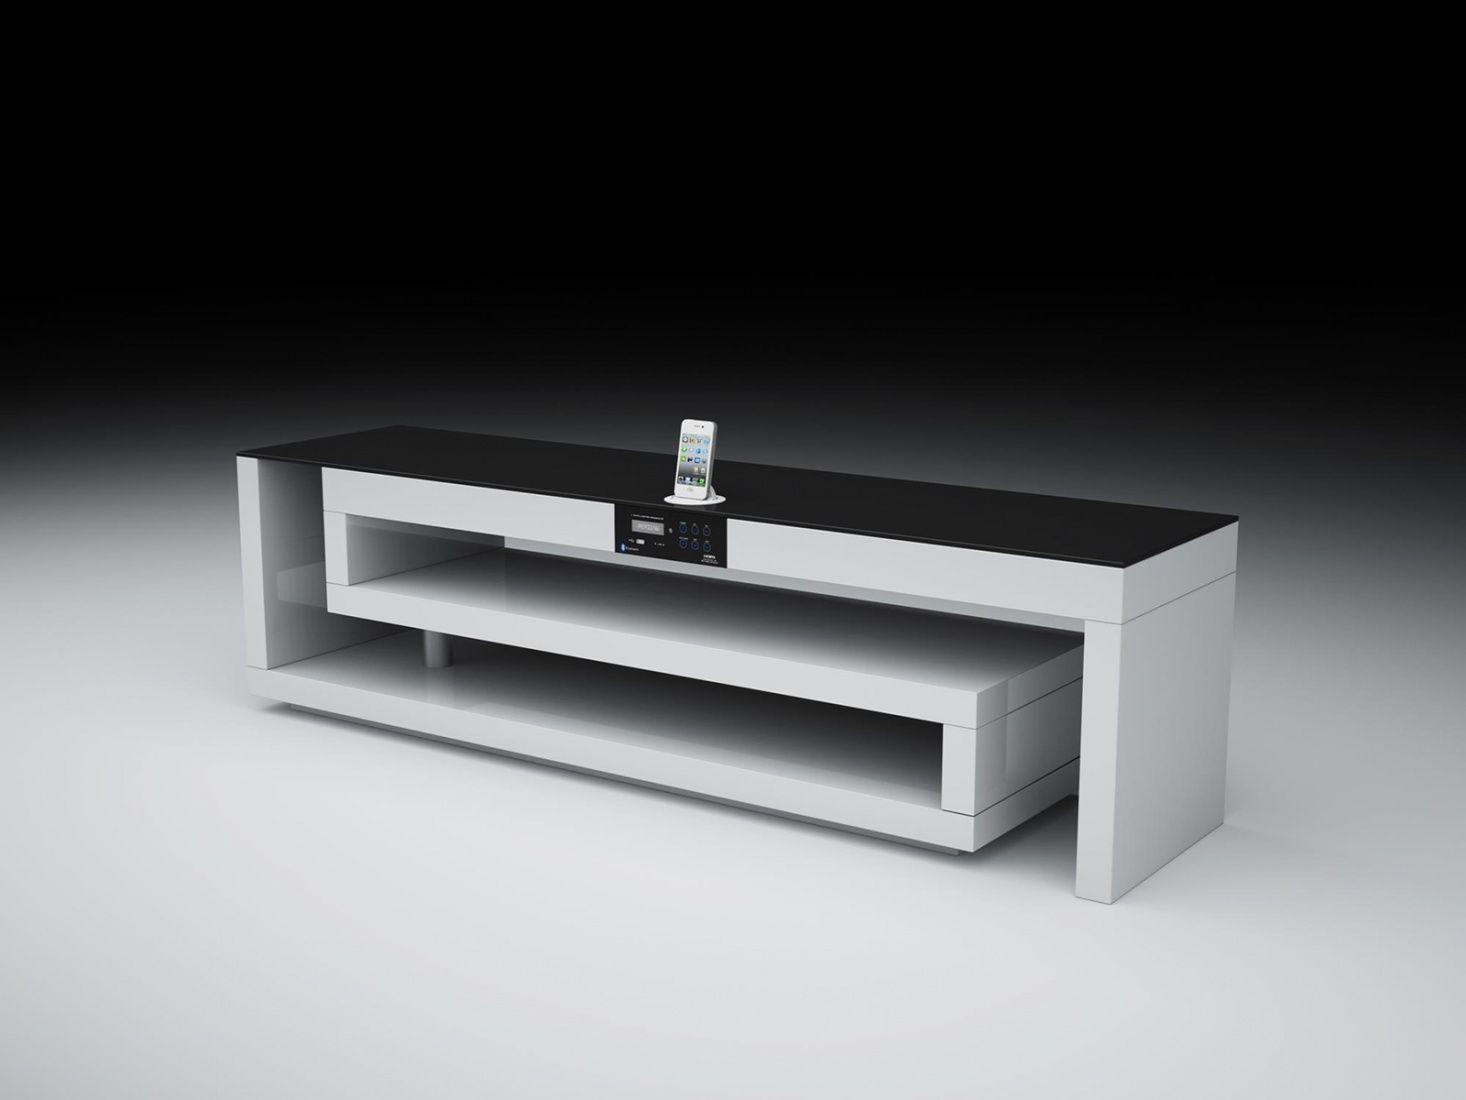 tv moebel design weiss schlafzimmer romantisch - Design Mobel Wohnzimmerschrank